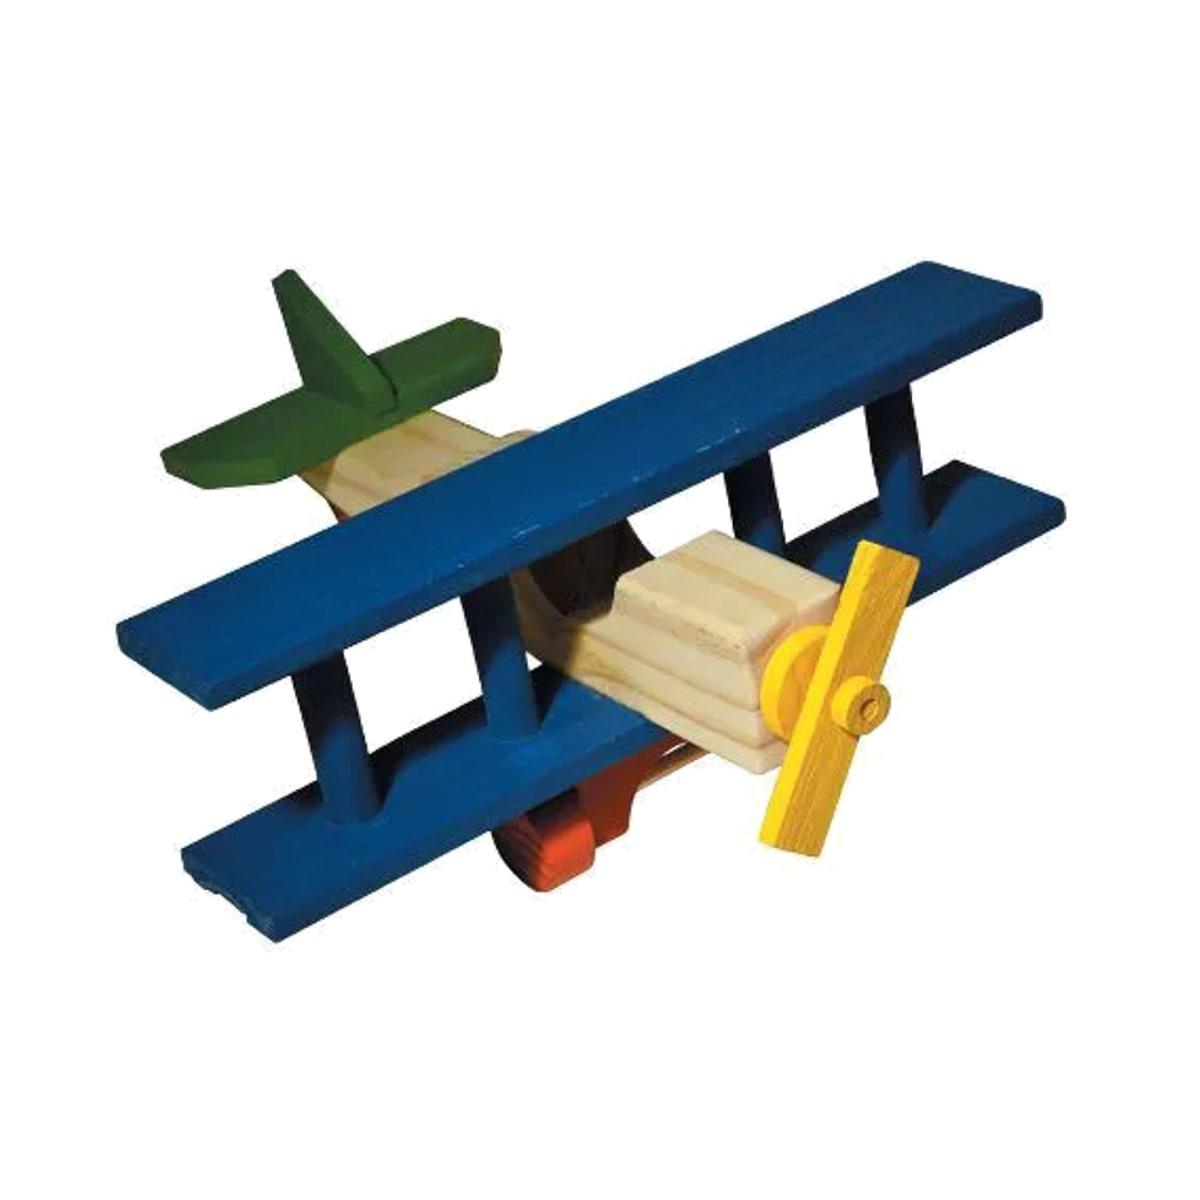 Brinquedos  - Avião De Madeira 30x31x12cm